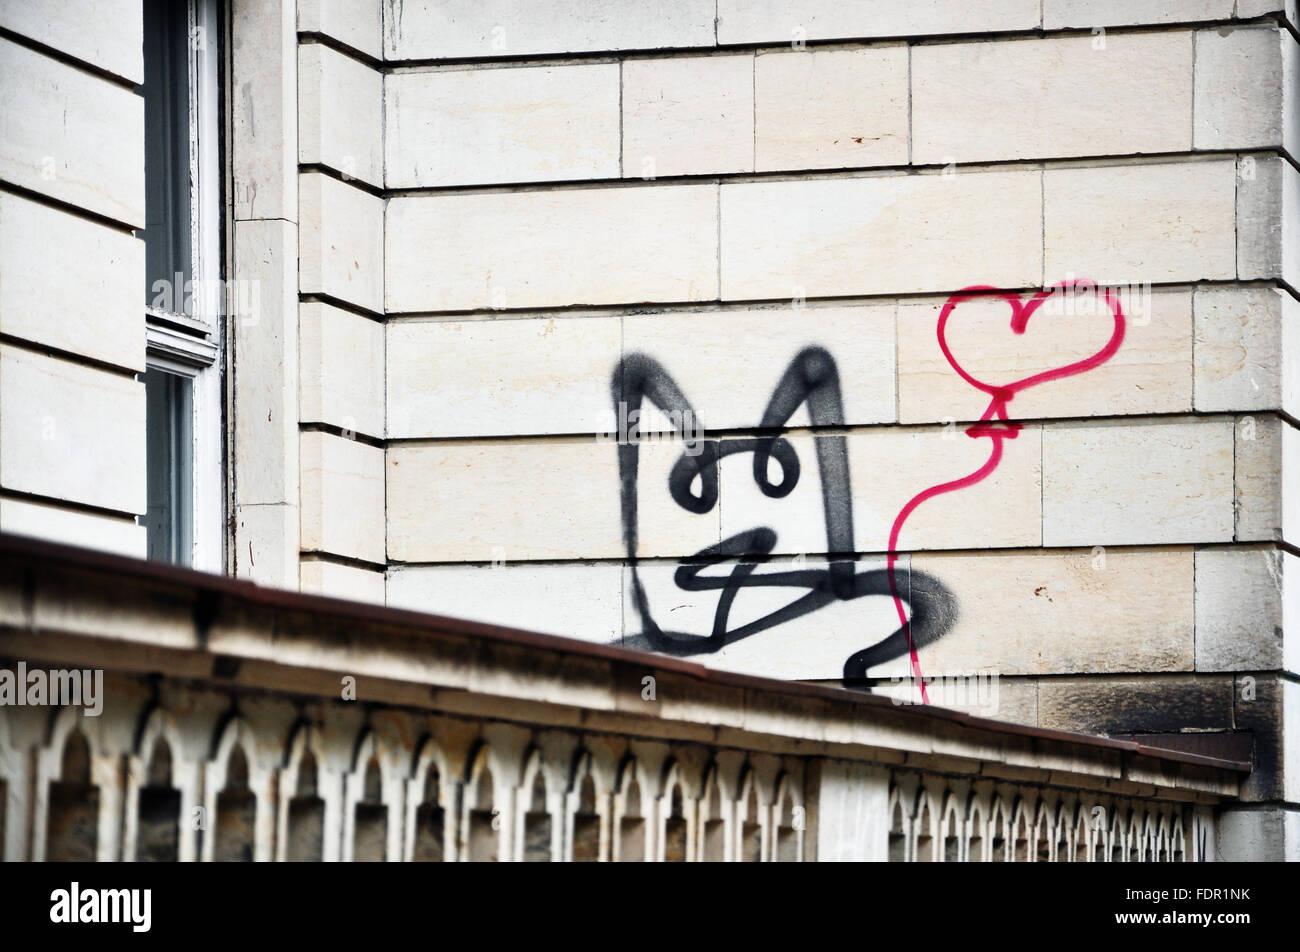 La vita urbana,graffiti,streetart Immagini Stock